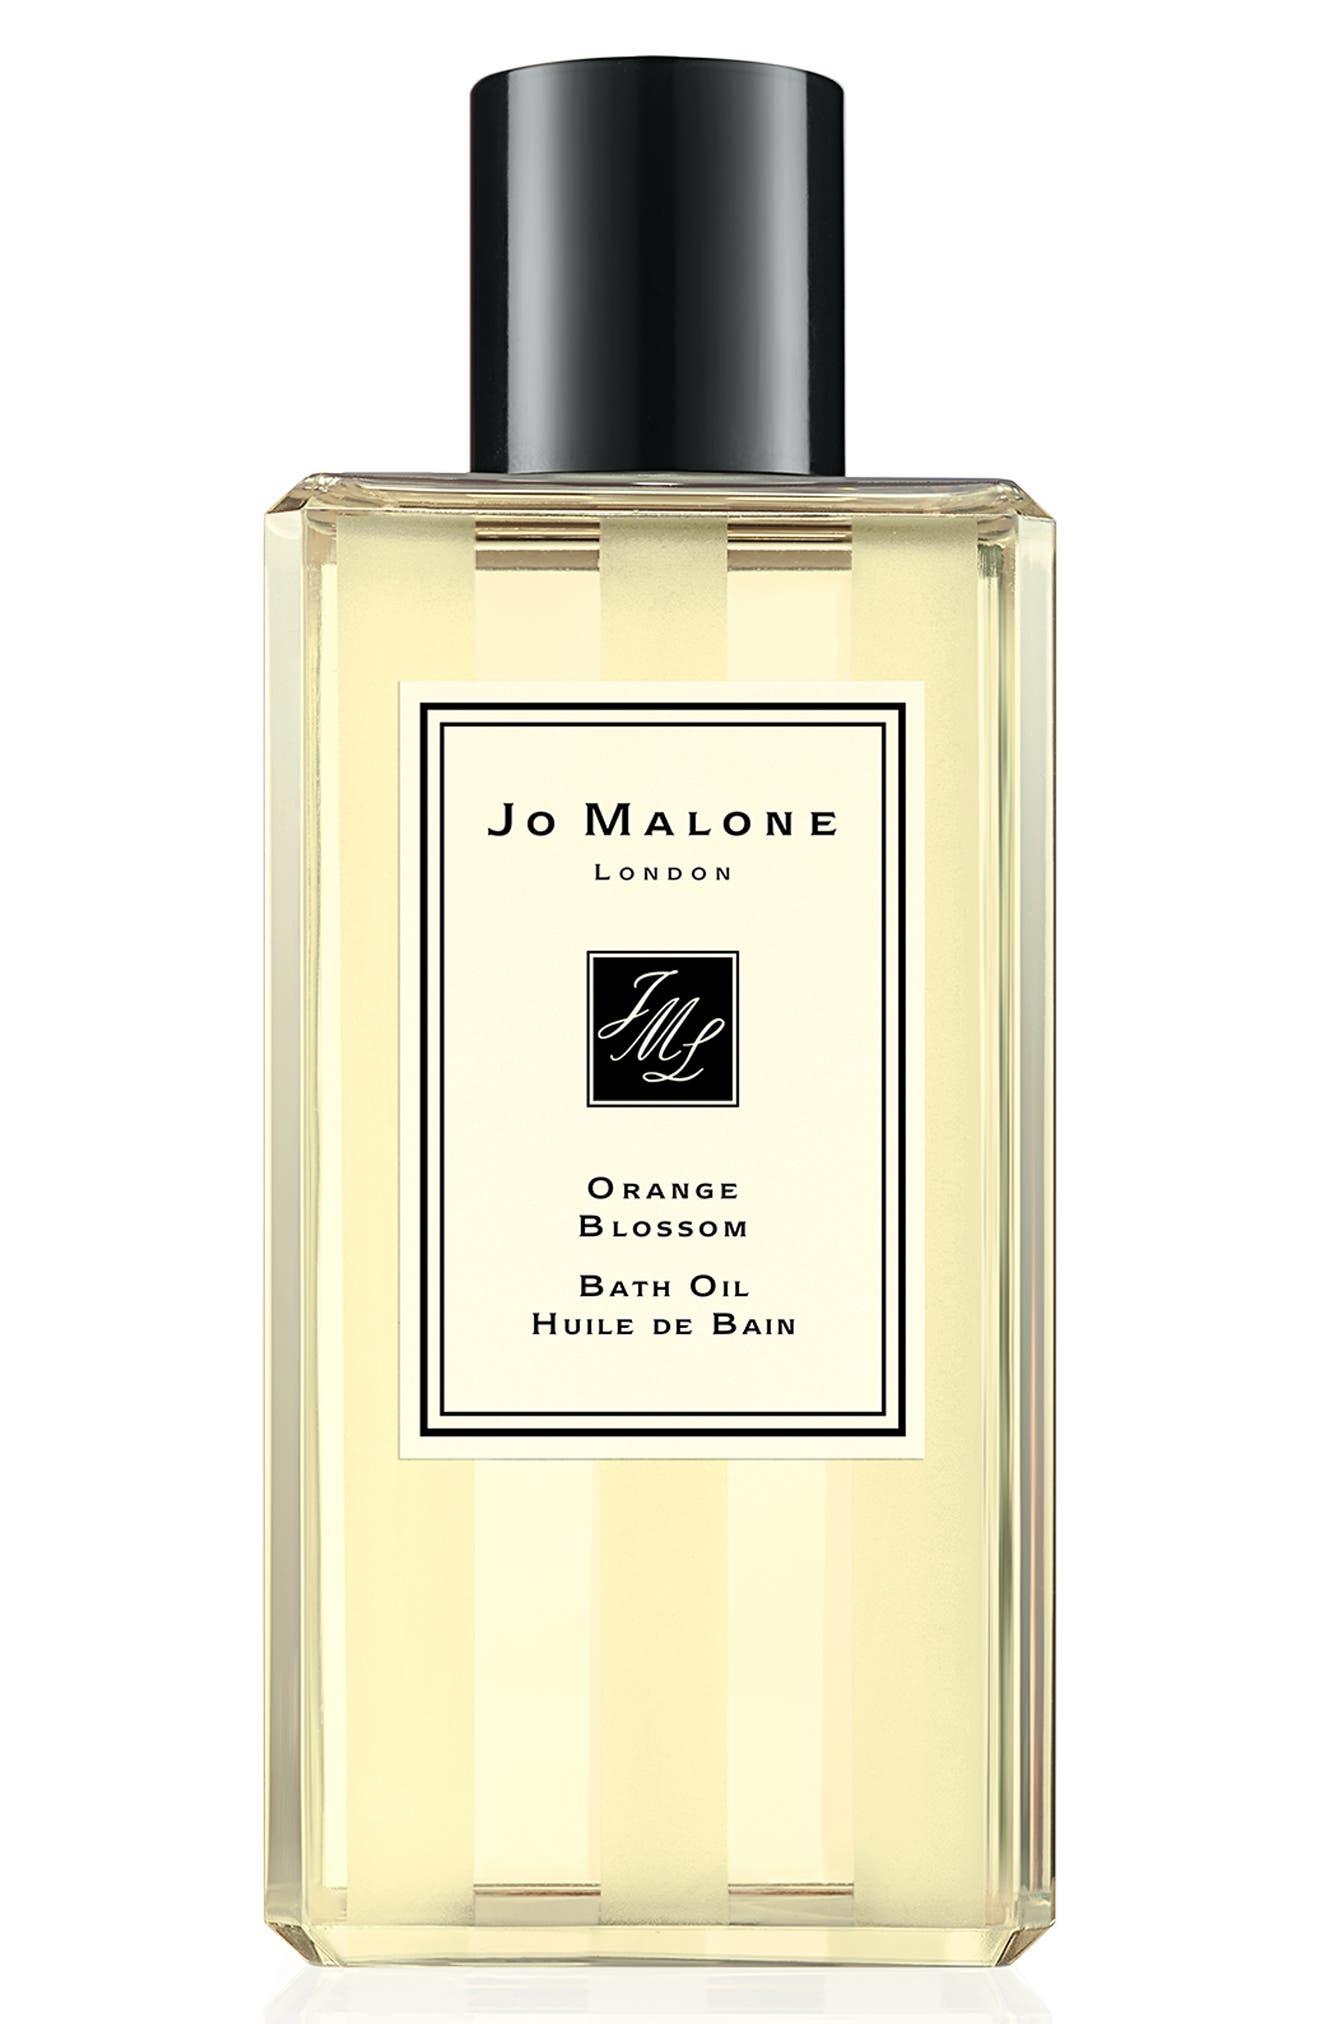 Jo Malone London™ Orange Blossom Bath Oil